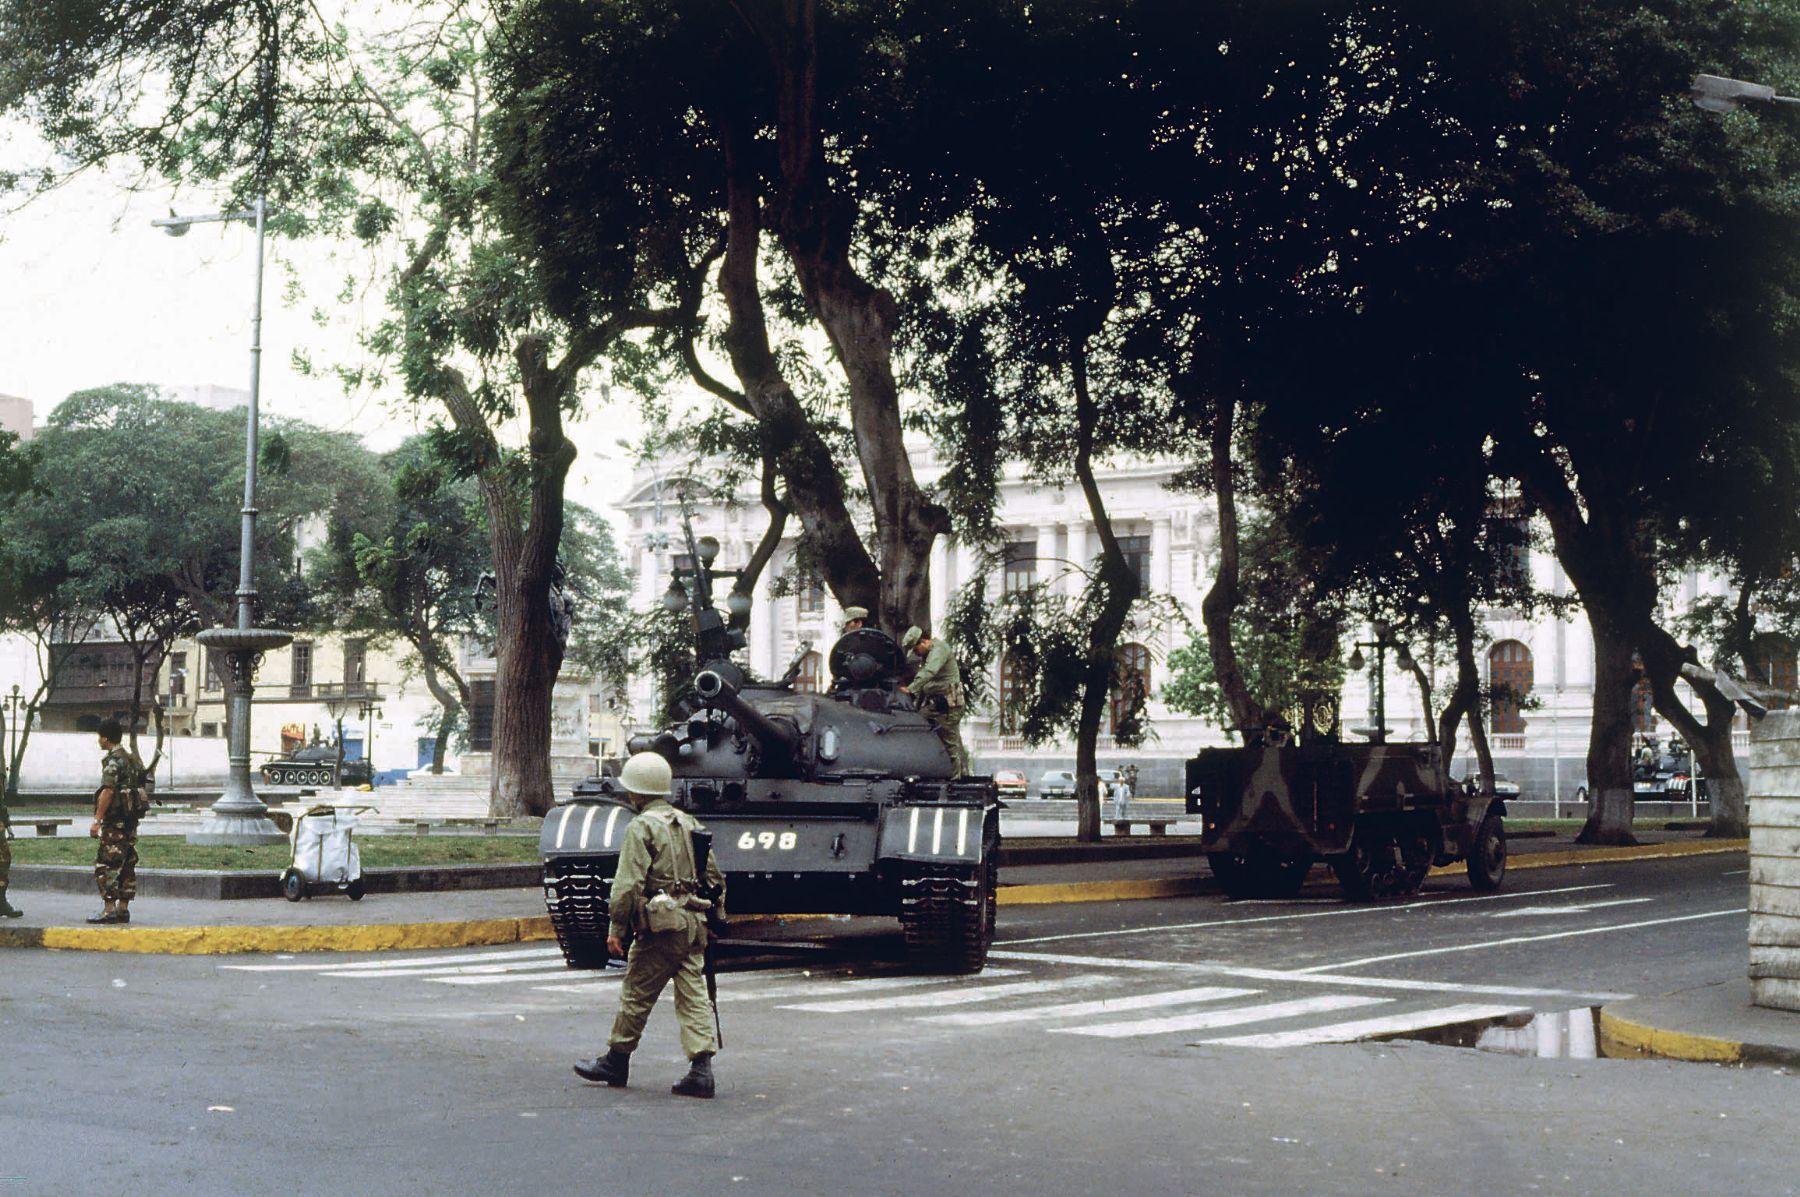 Fase final: Caso Golpe de estado 5 de abril 1992 y secuestro de políticos y periodistas